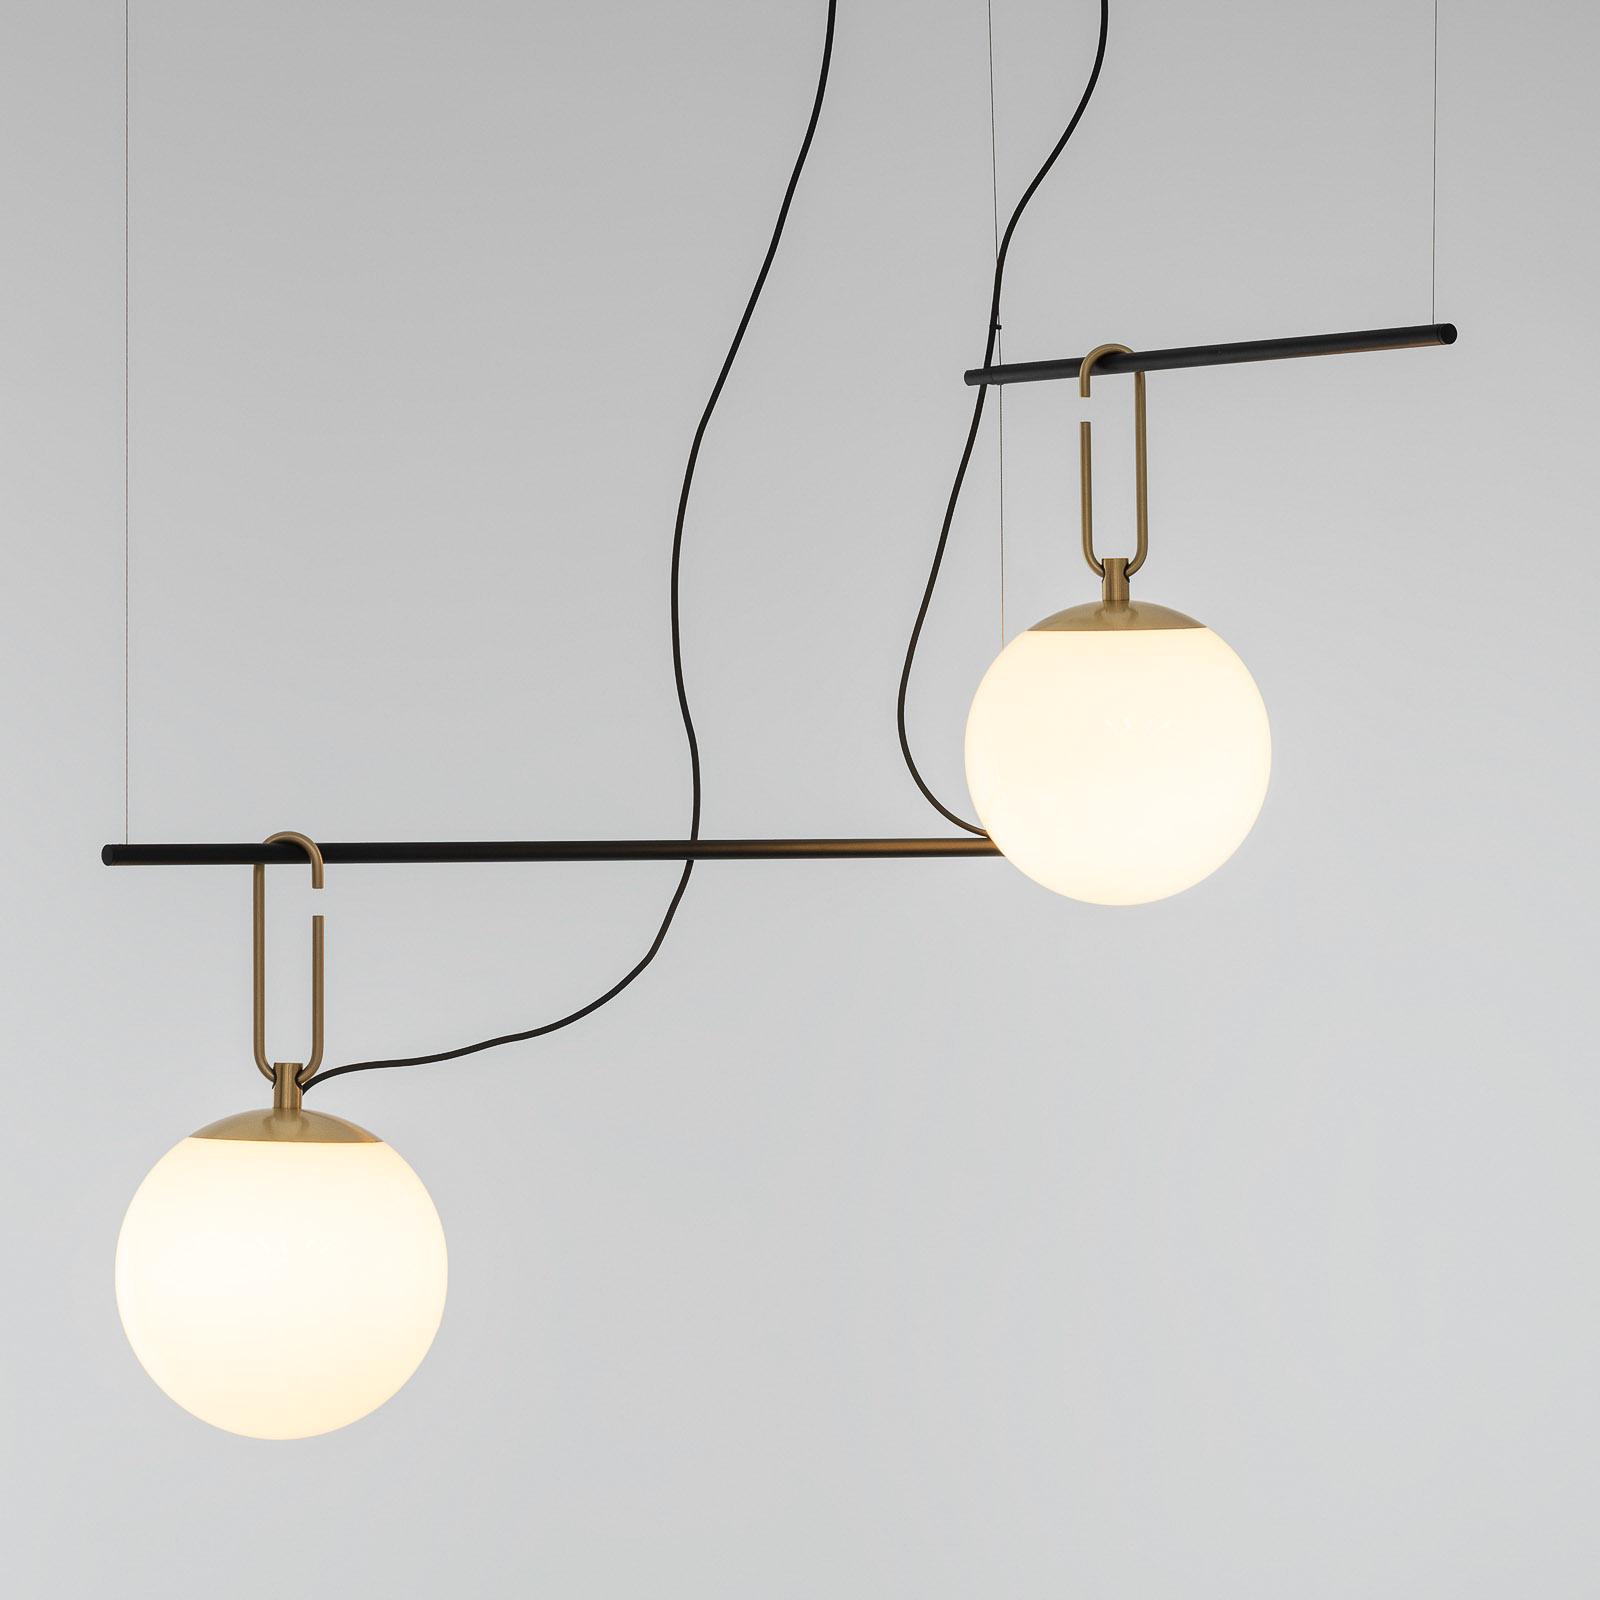 Artemide nh S3 2 glazen hanglamp, 2-lamps